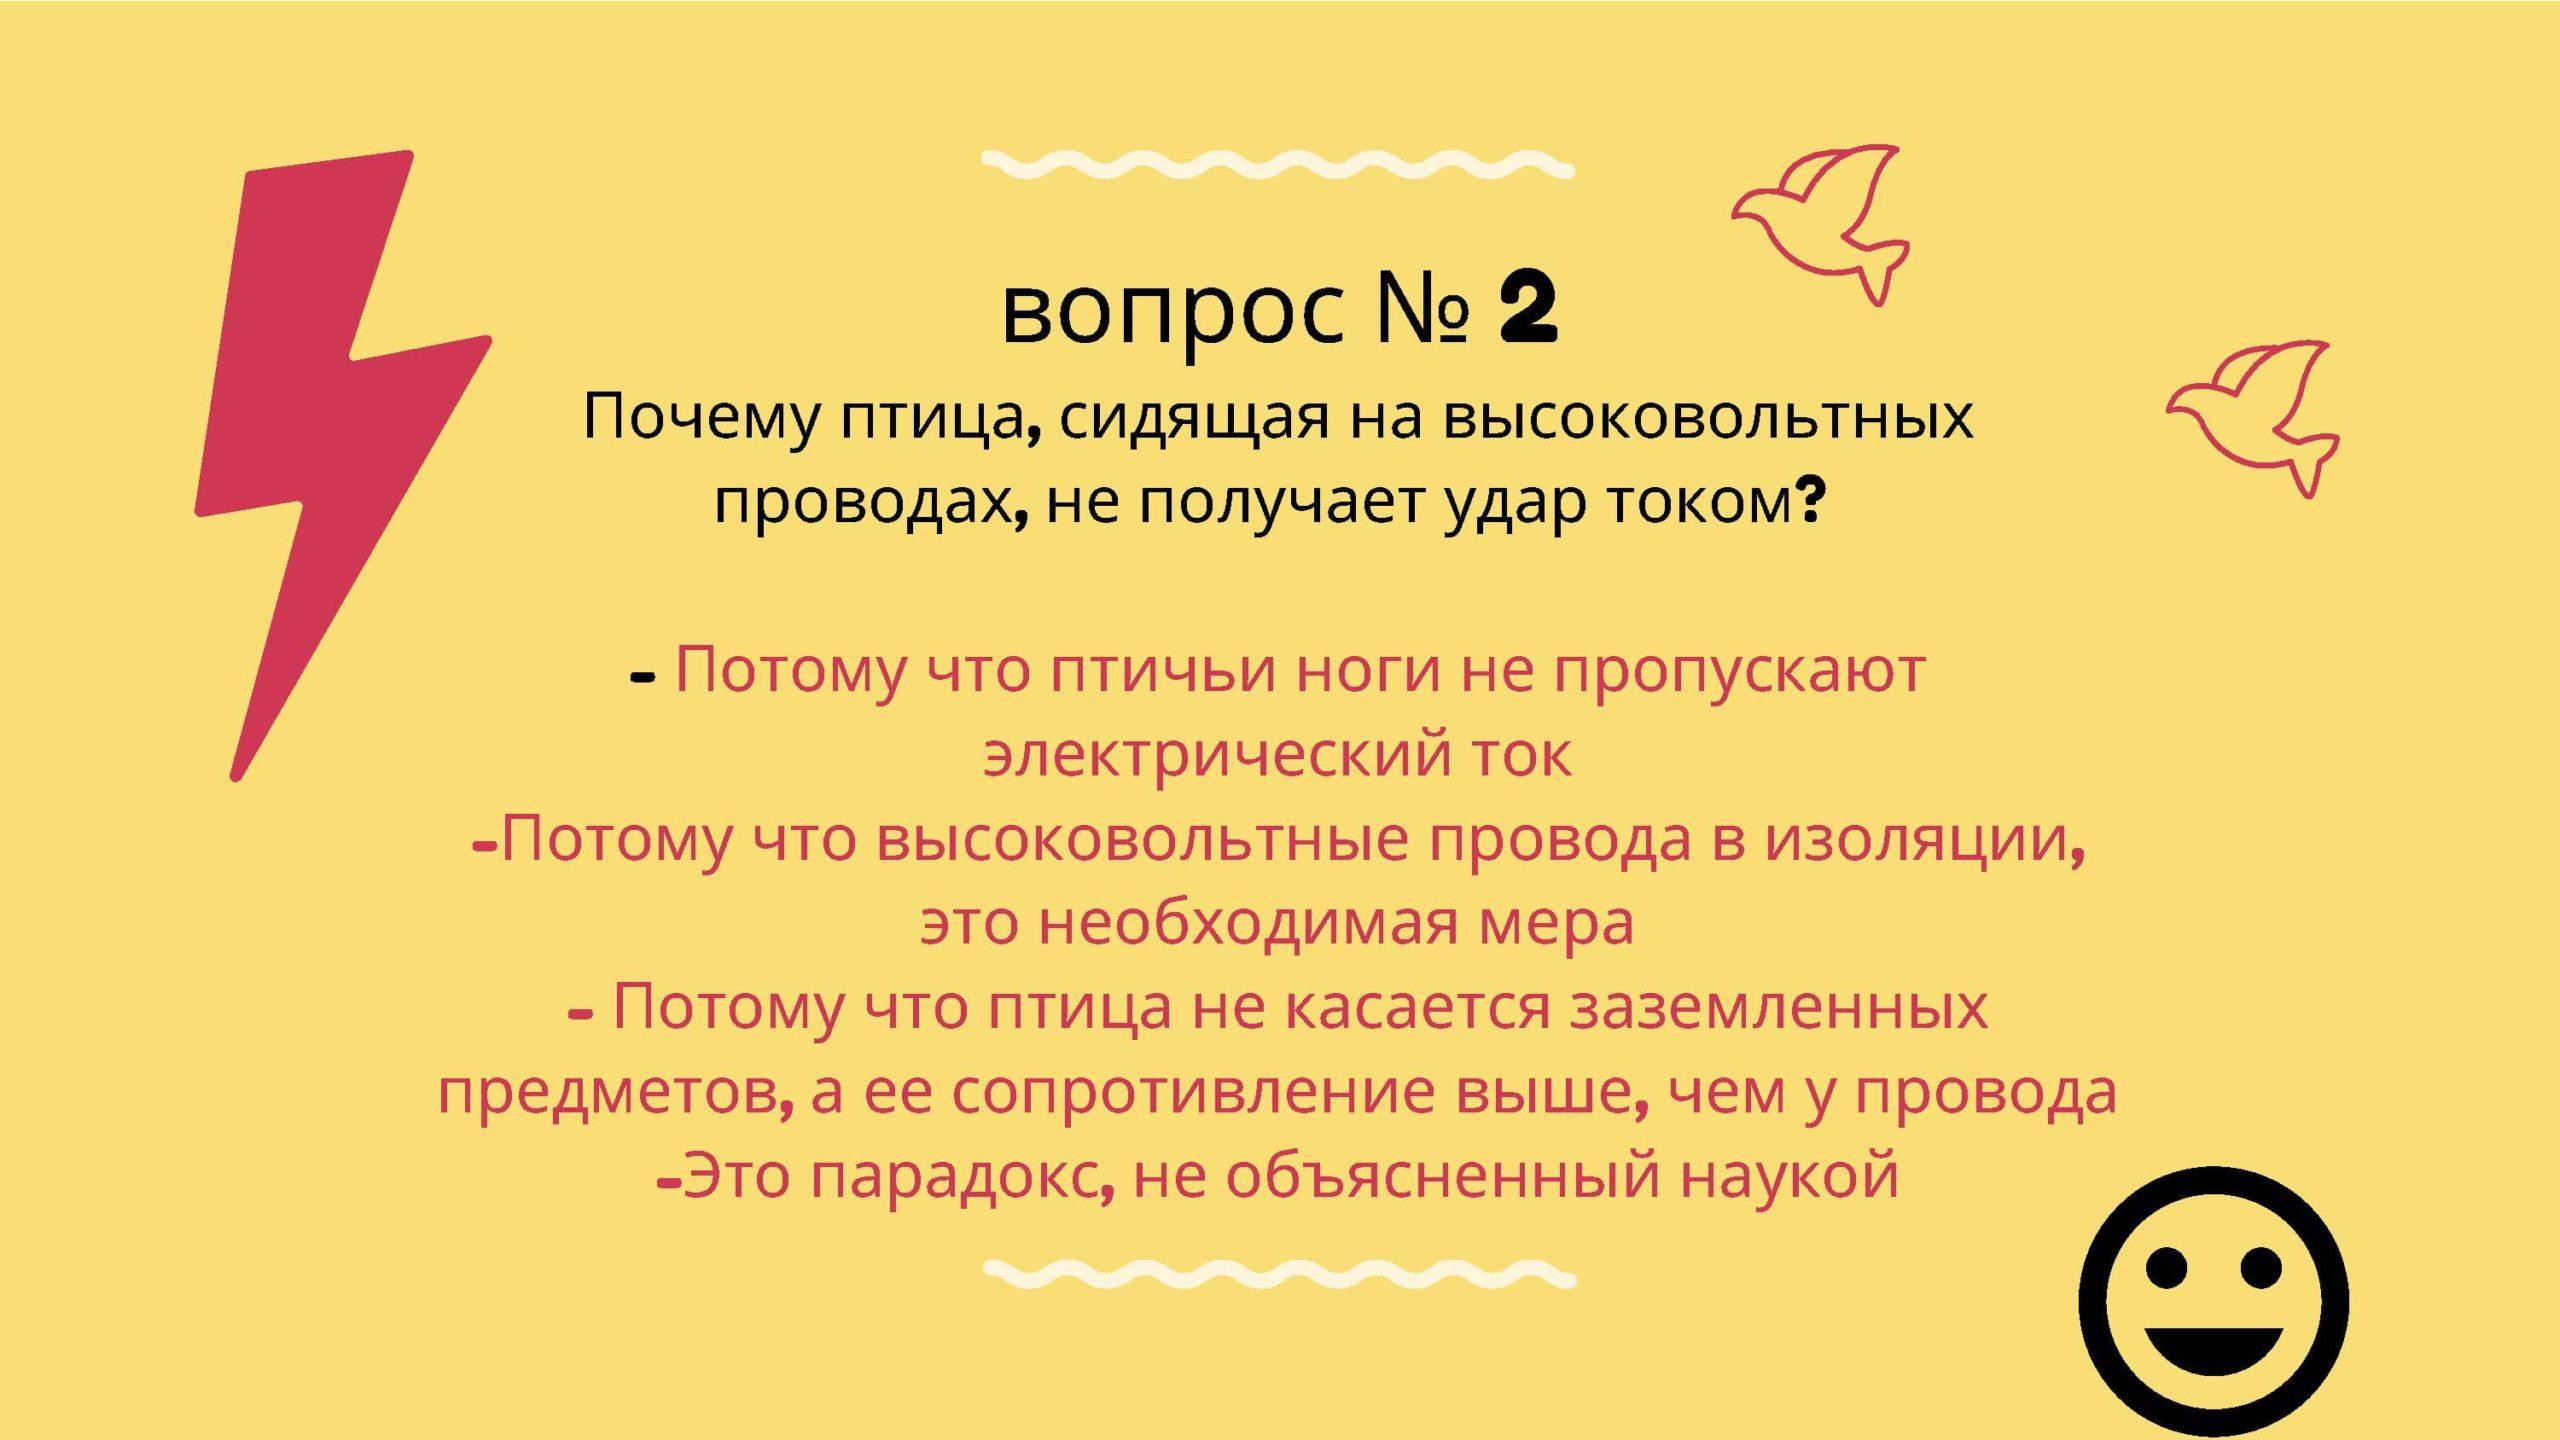 вопрос 2